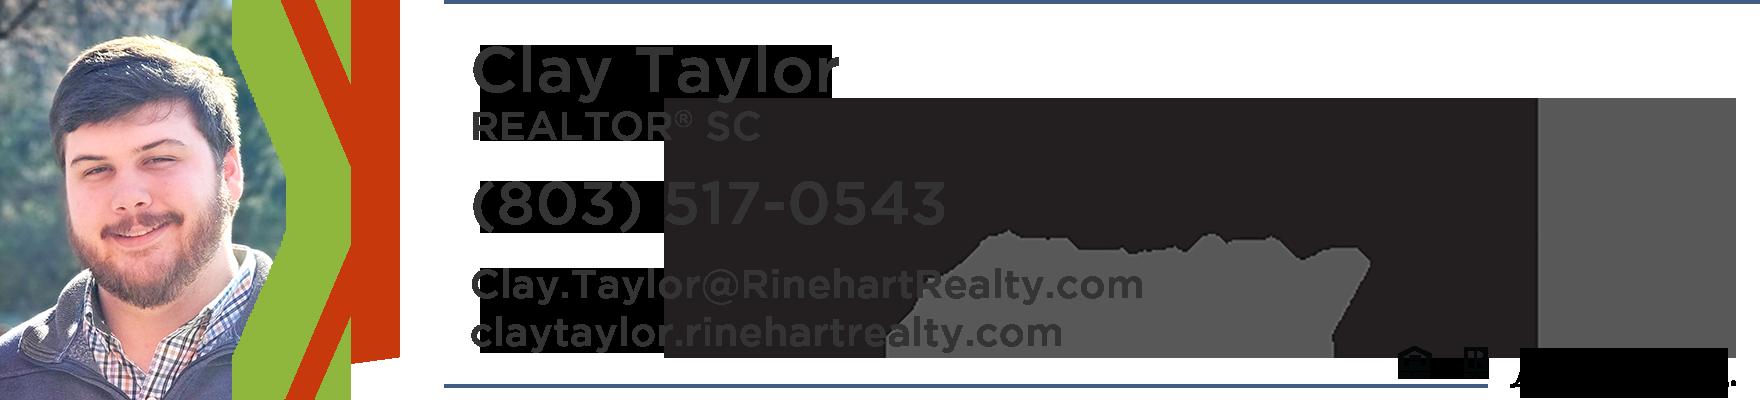 Clay Taylor REALTOR SC